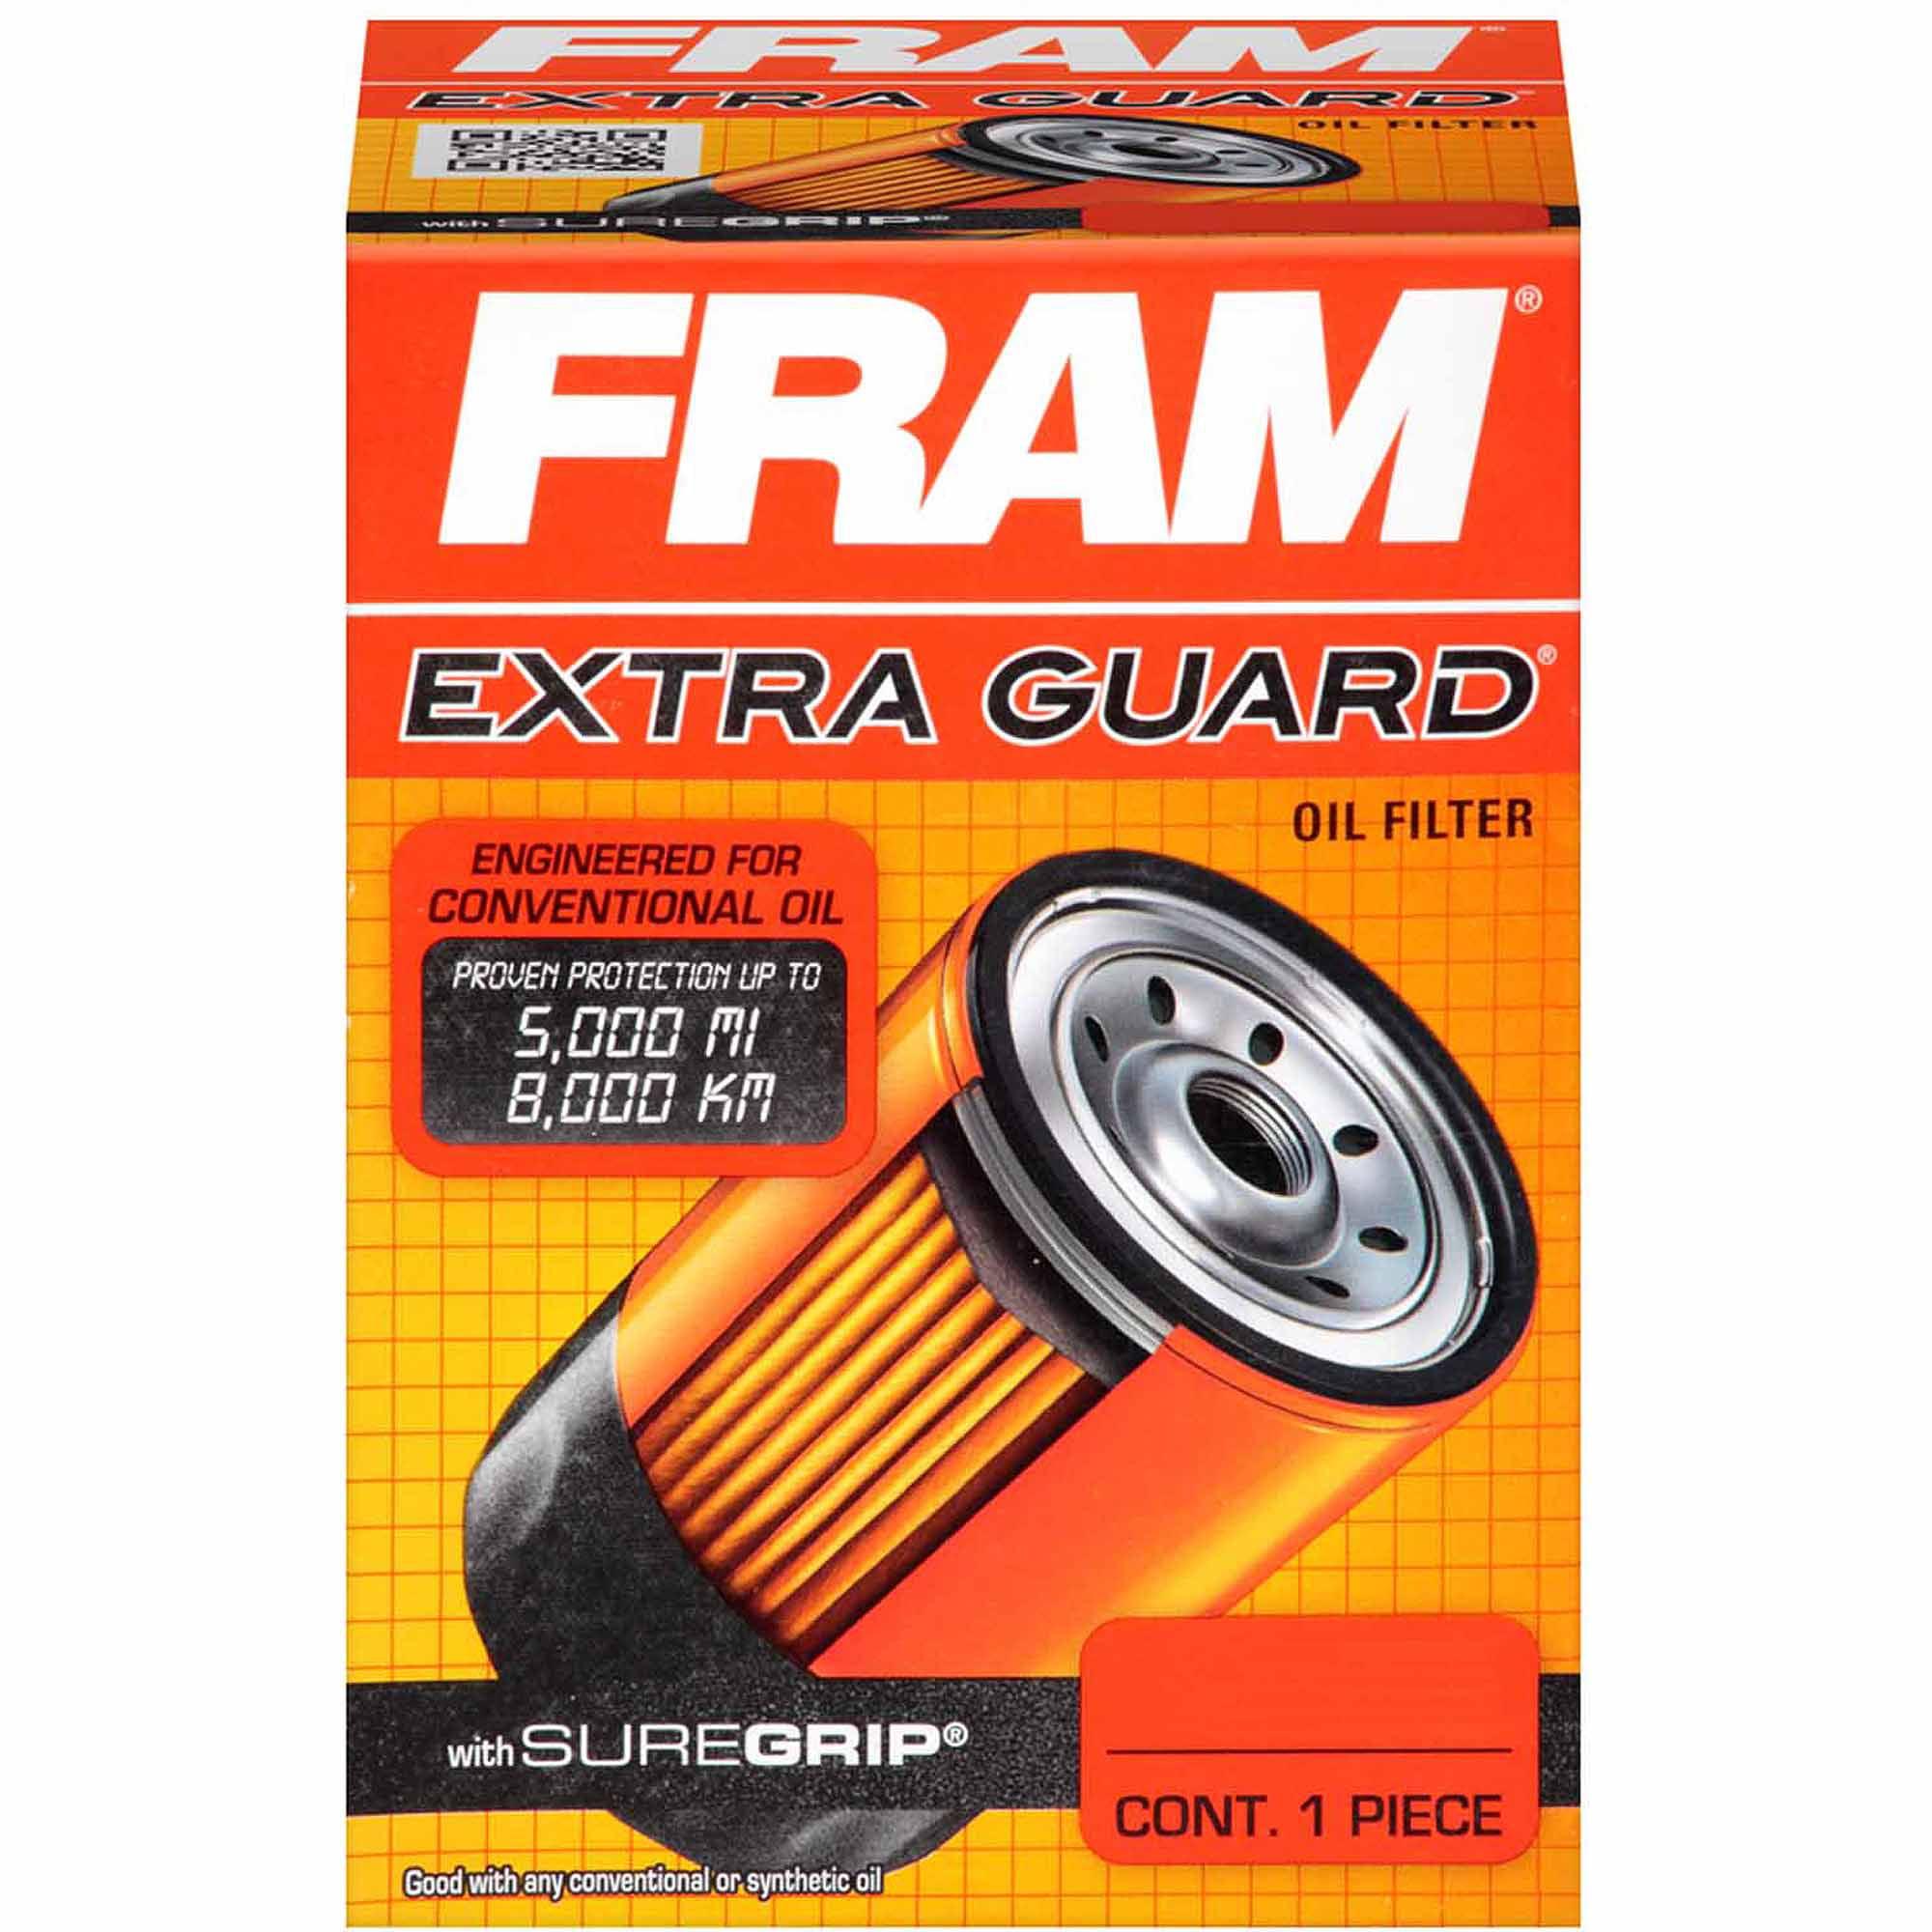 FRAM Extra Guard Oil Filter, PH3506